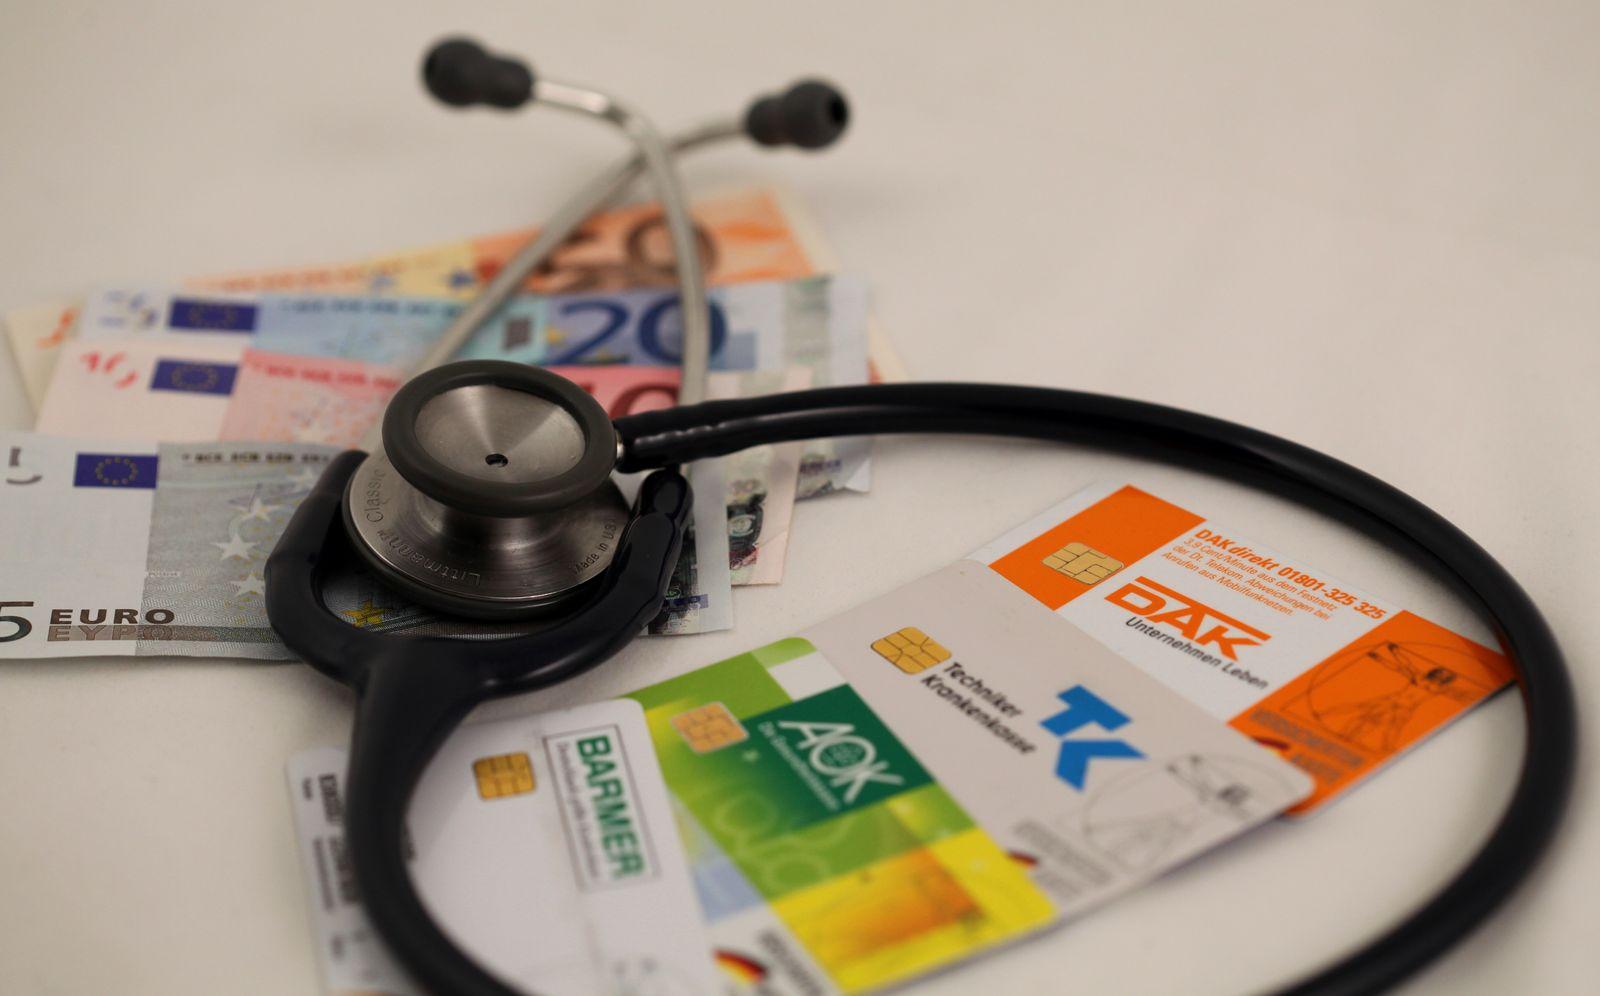 Krankenkassen /Zusatzbeitrag / Symbolbild